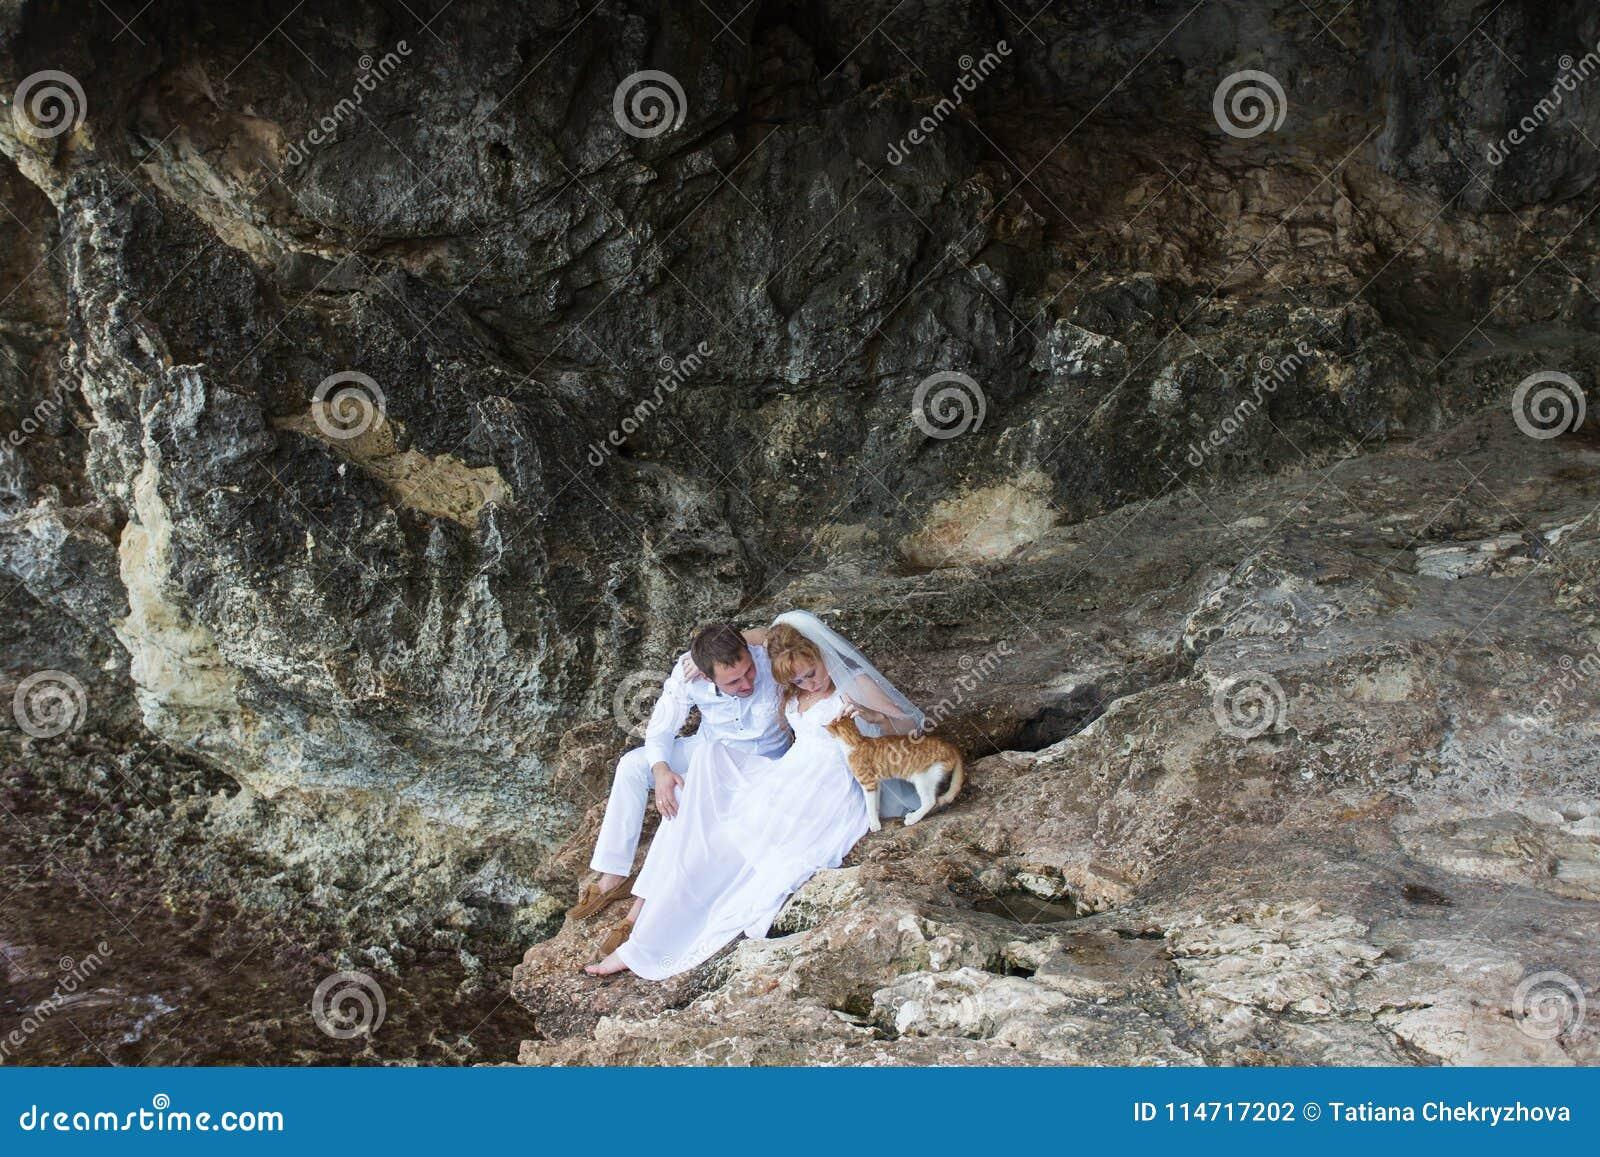 Junte a los recienes casados novia y las risas y las sonrisas del novio el uno al otro, feliz y alegre momento Hombre y mujer en